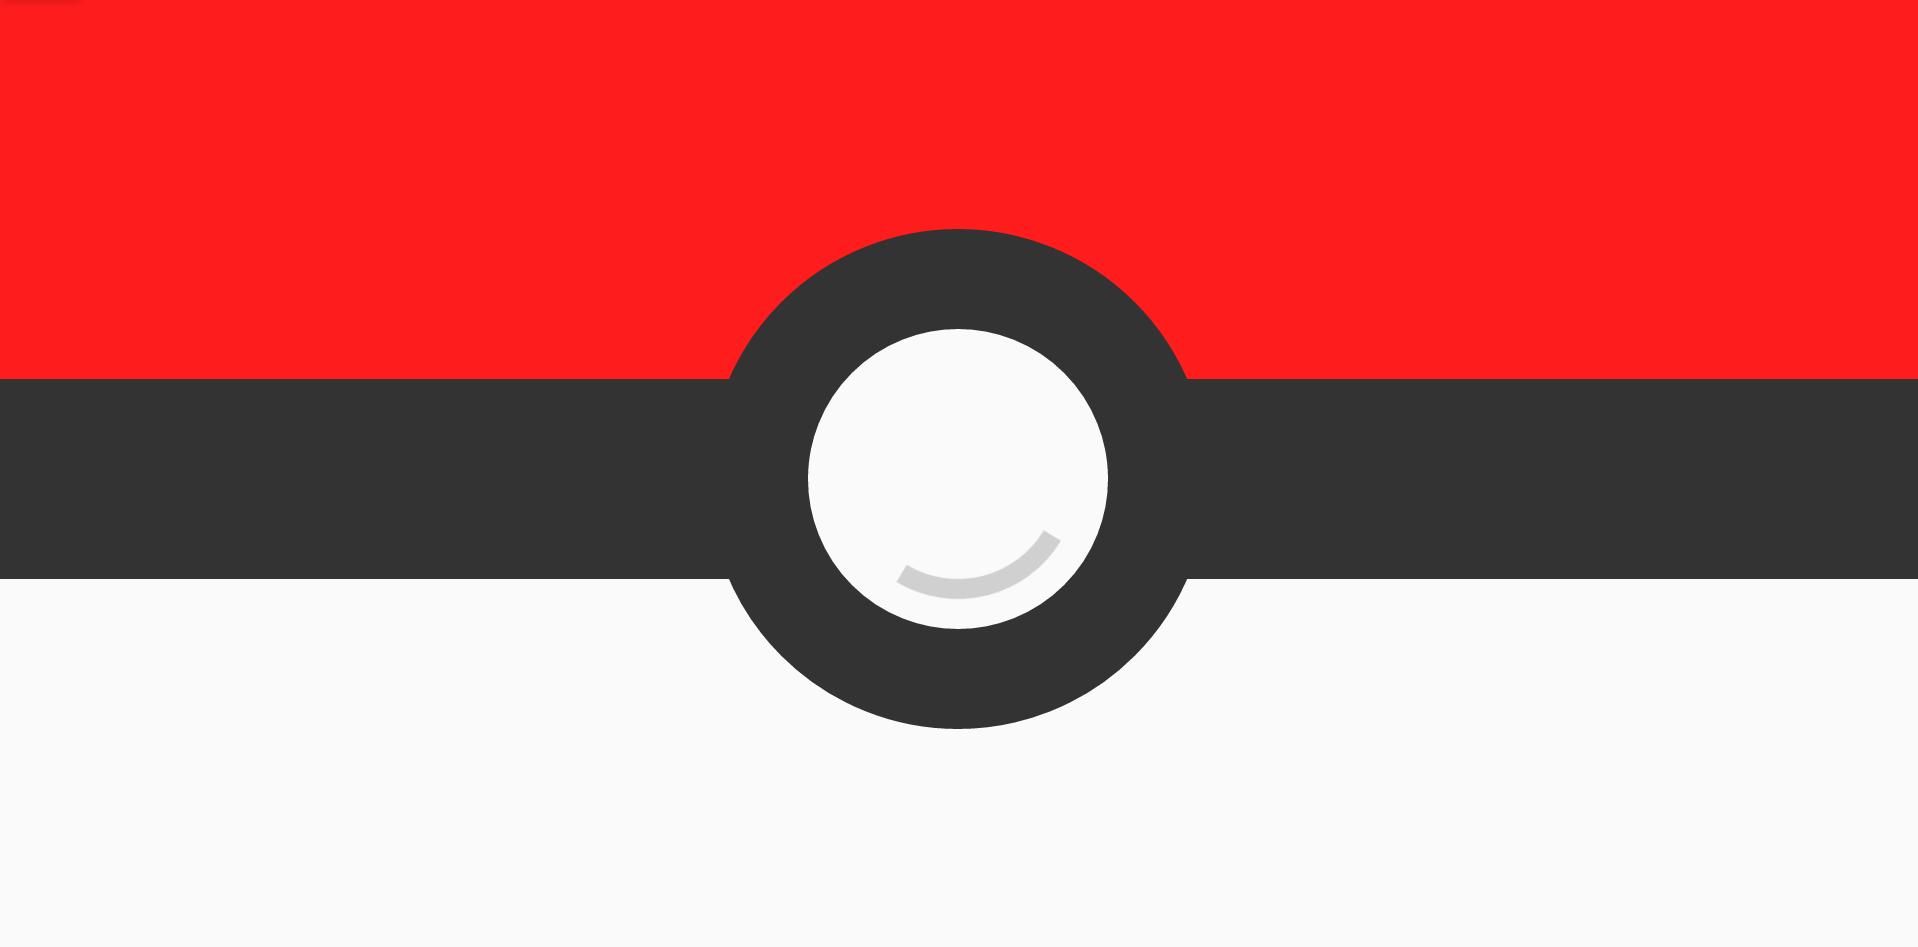 Pokeball Animated Background